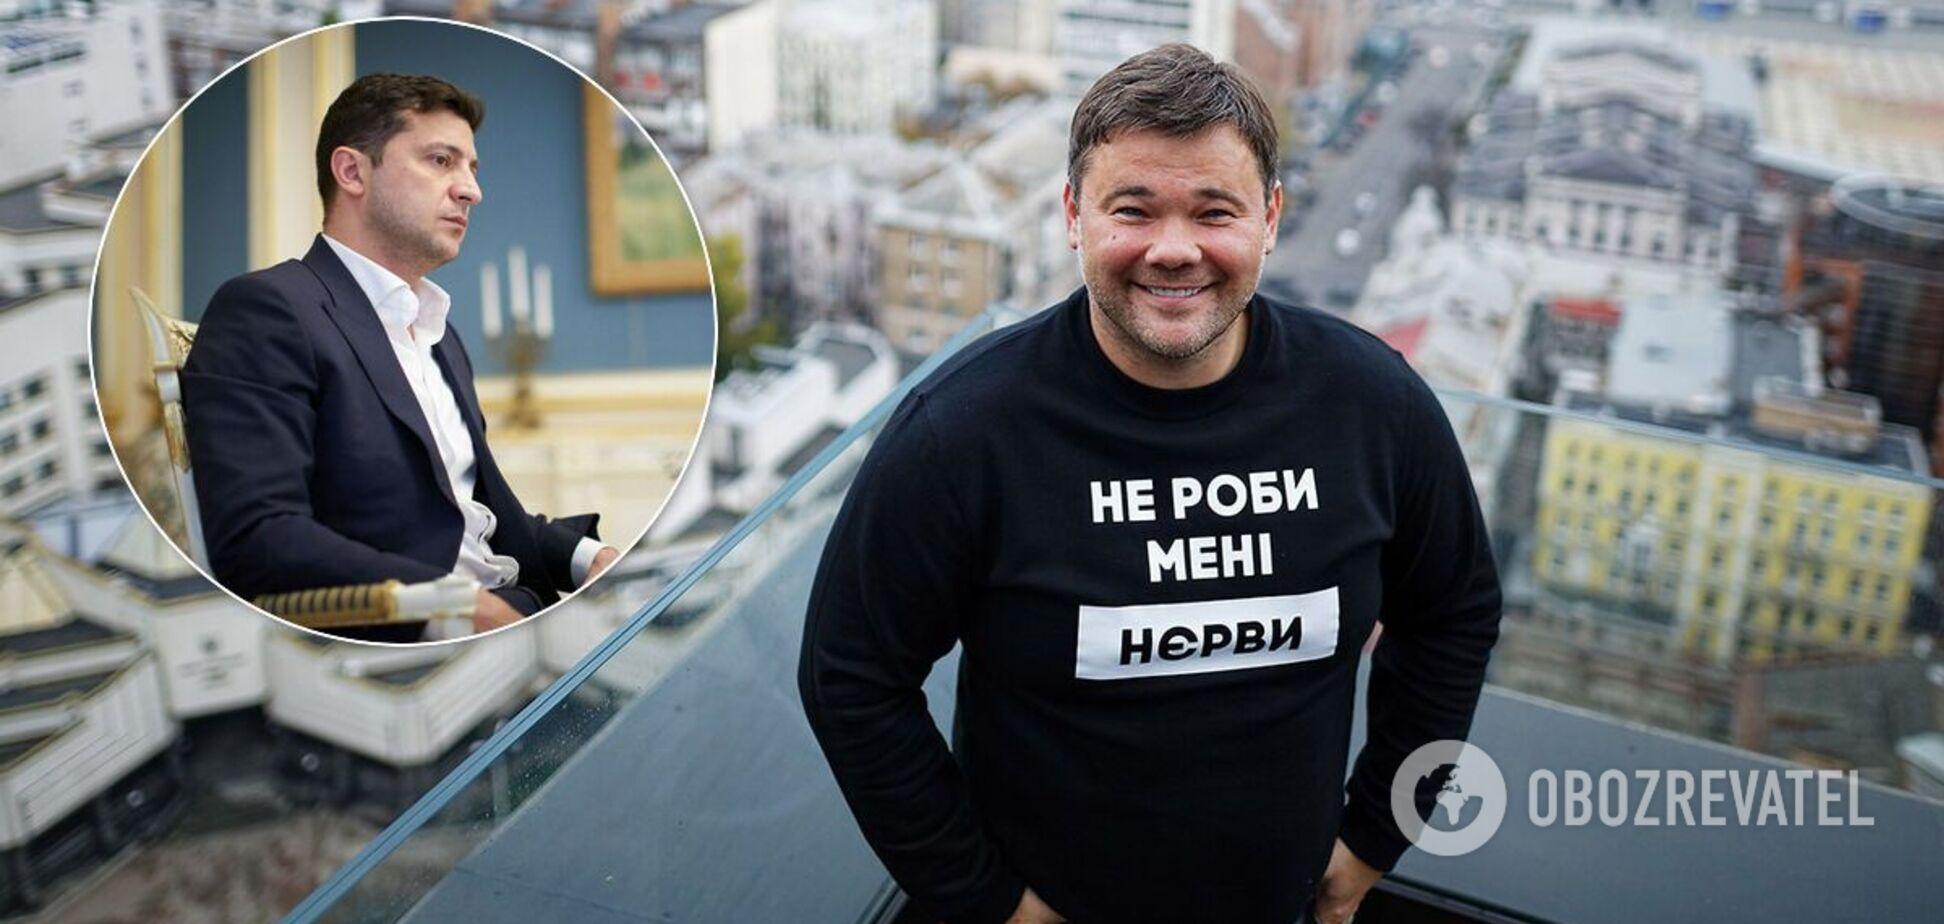 Богдан поділився думкою про долю президента Зеленського